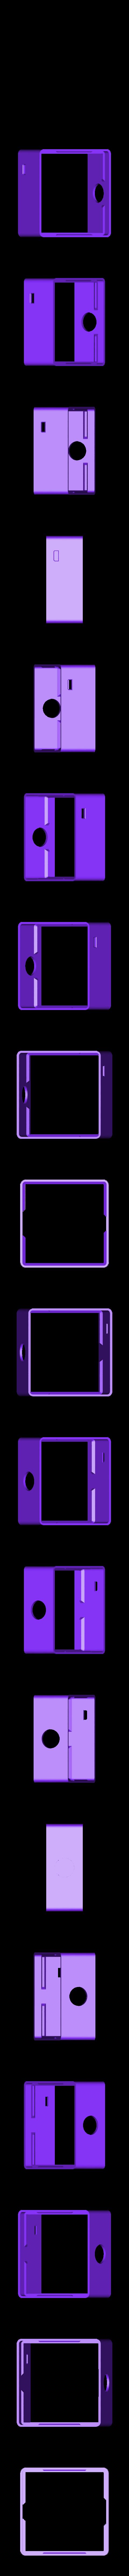 nt-frame.stl Télécharger fichier STL gratuit Jeu de correspondance de couleurs NeoTrellis • Objet à imprimer en 3D, Adafruit